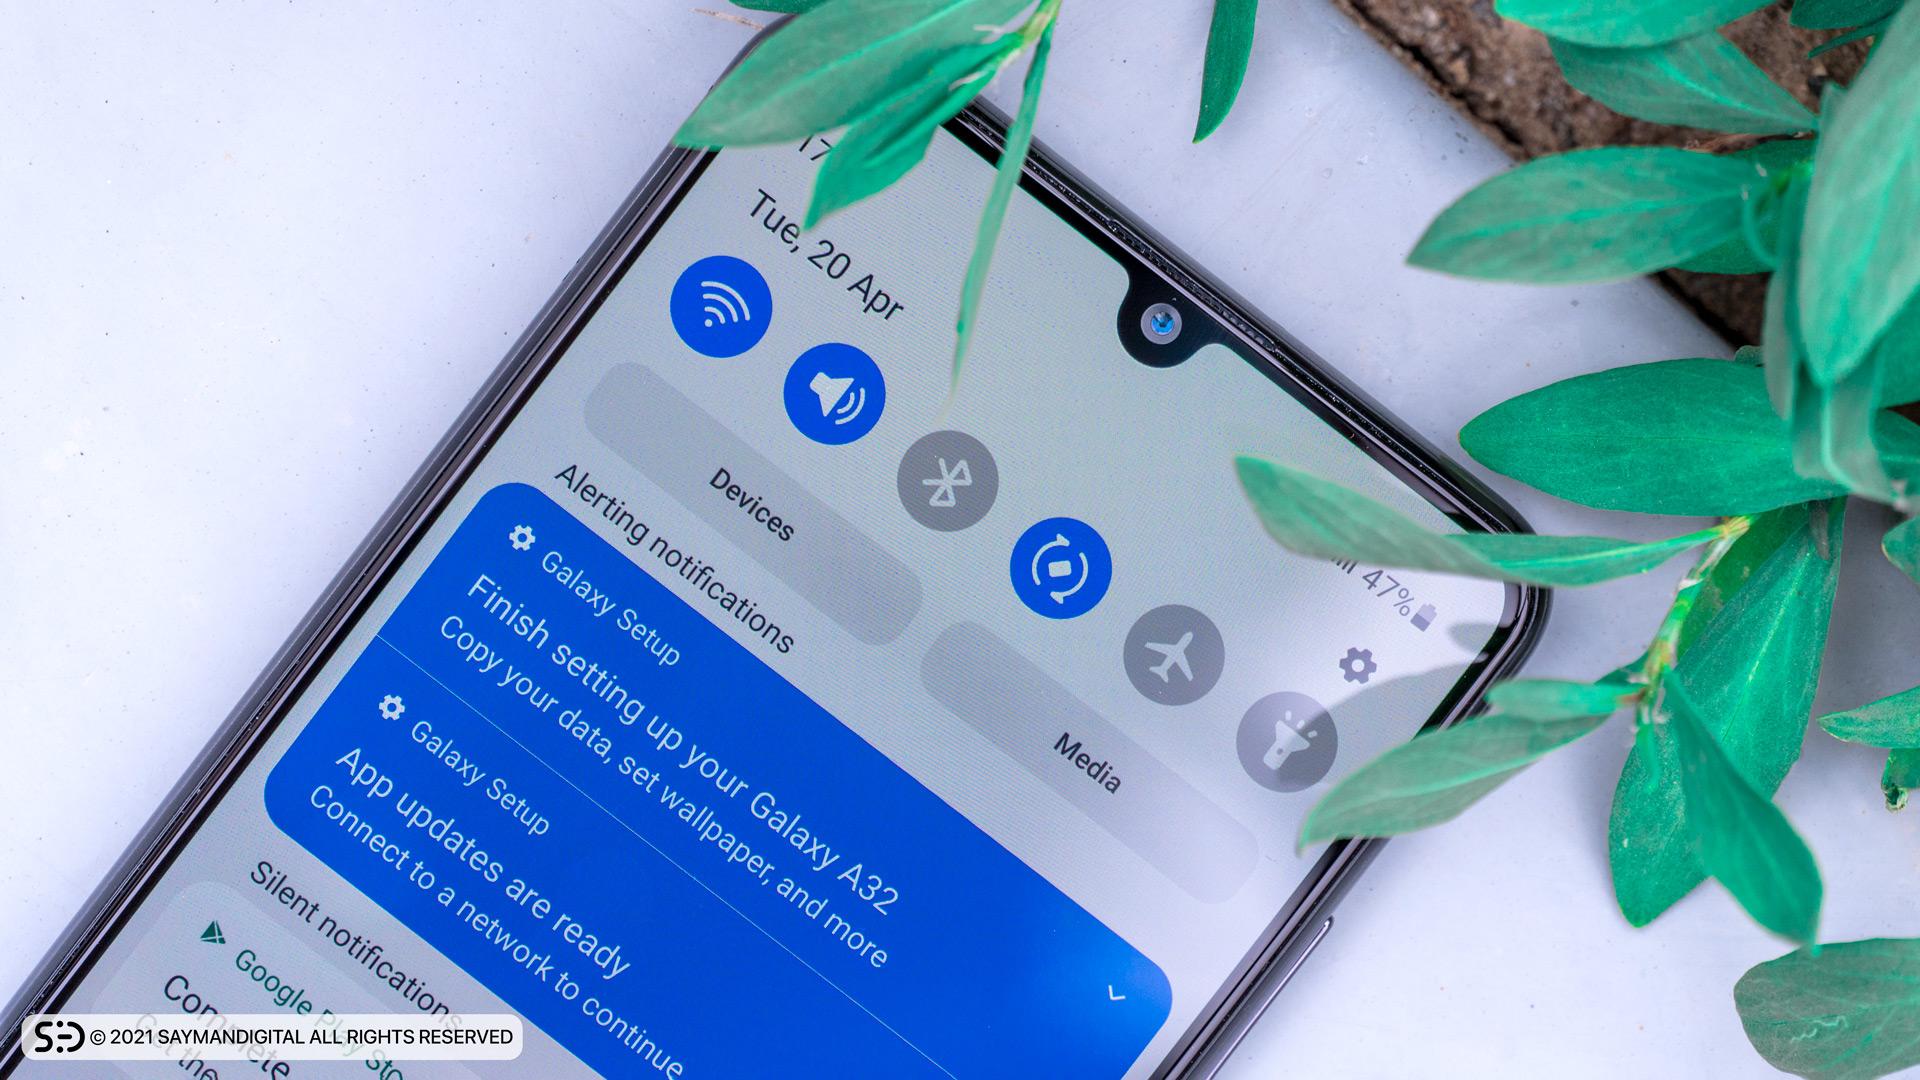 رابط کاربری در مطلب بررسی Galaxy A32